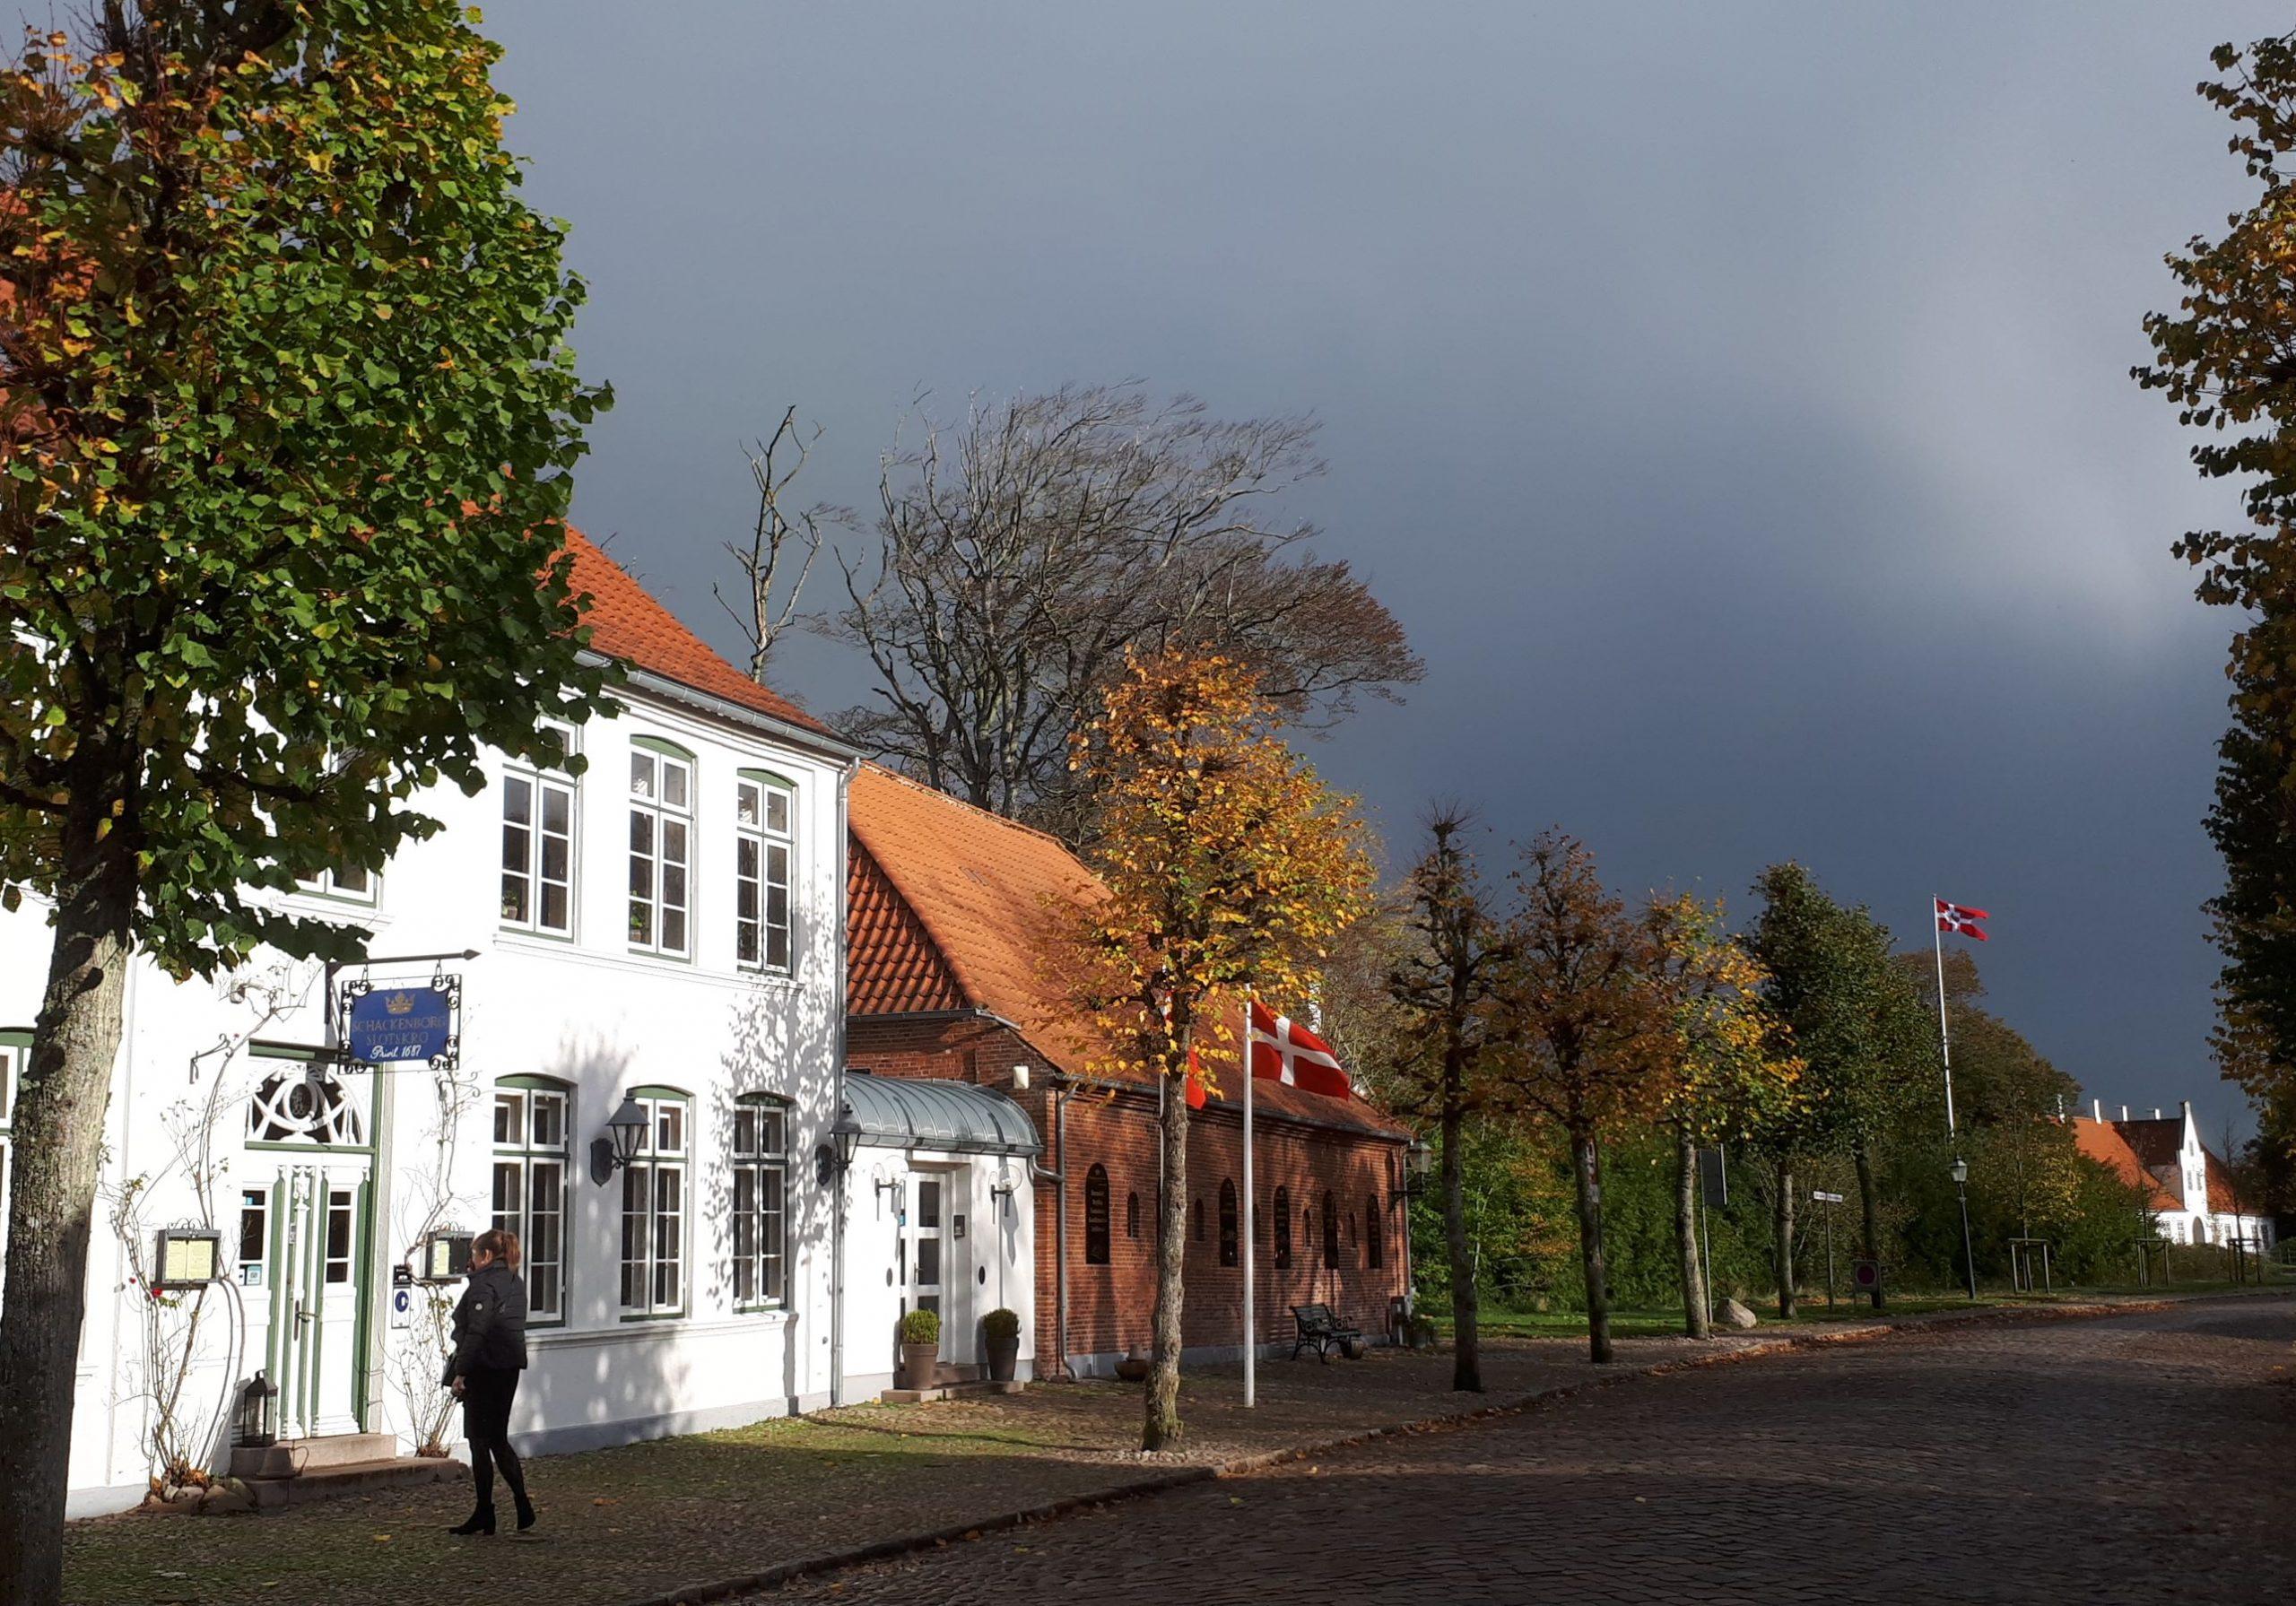 Møgeltønder med Schackenborg er en af Sønderjyllands store turistattraktioner. Arkivfoto: Henrik Baumgarten.